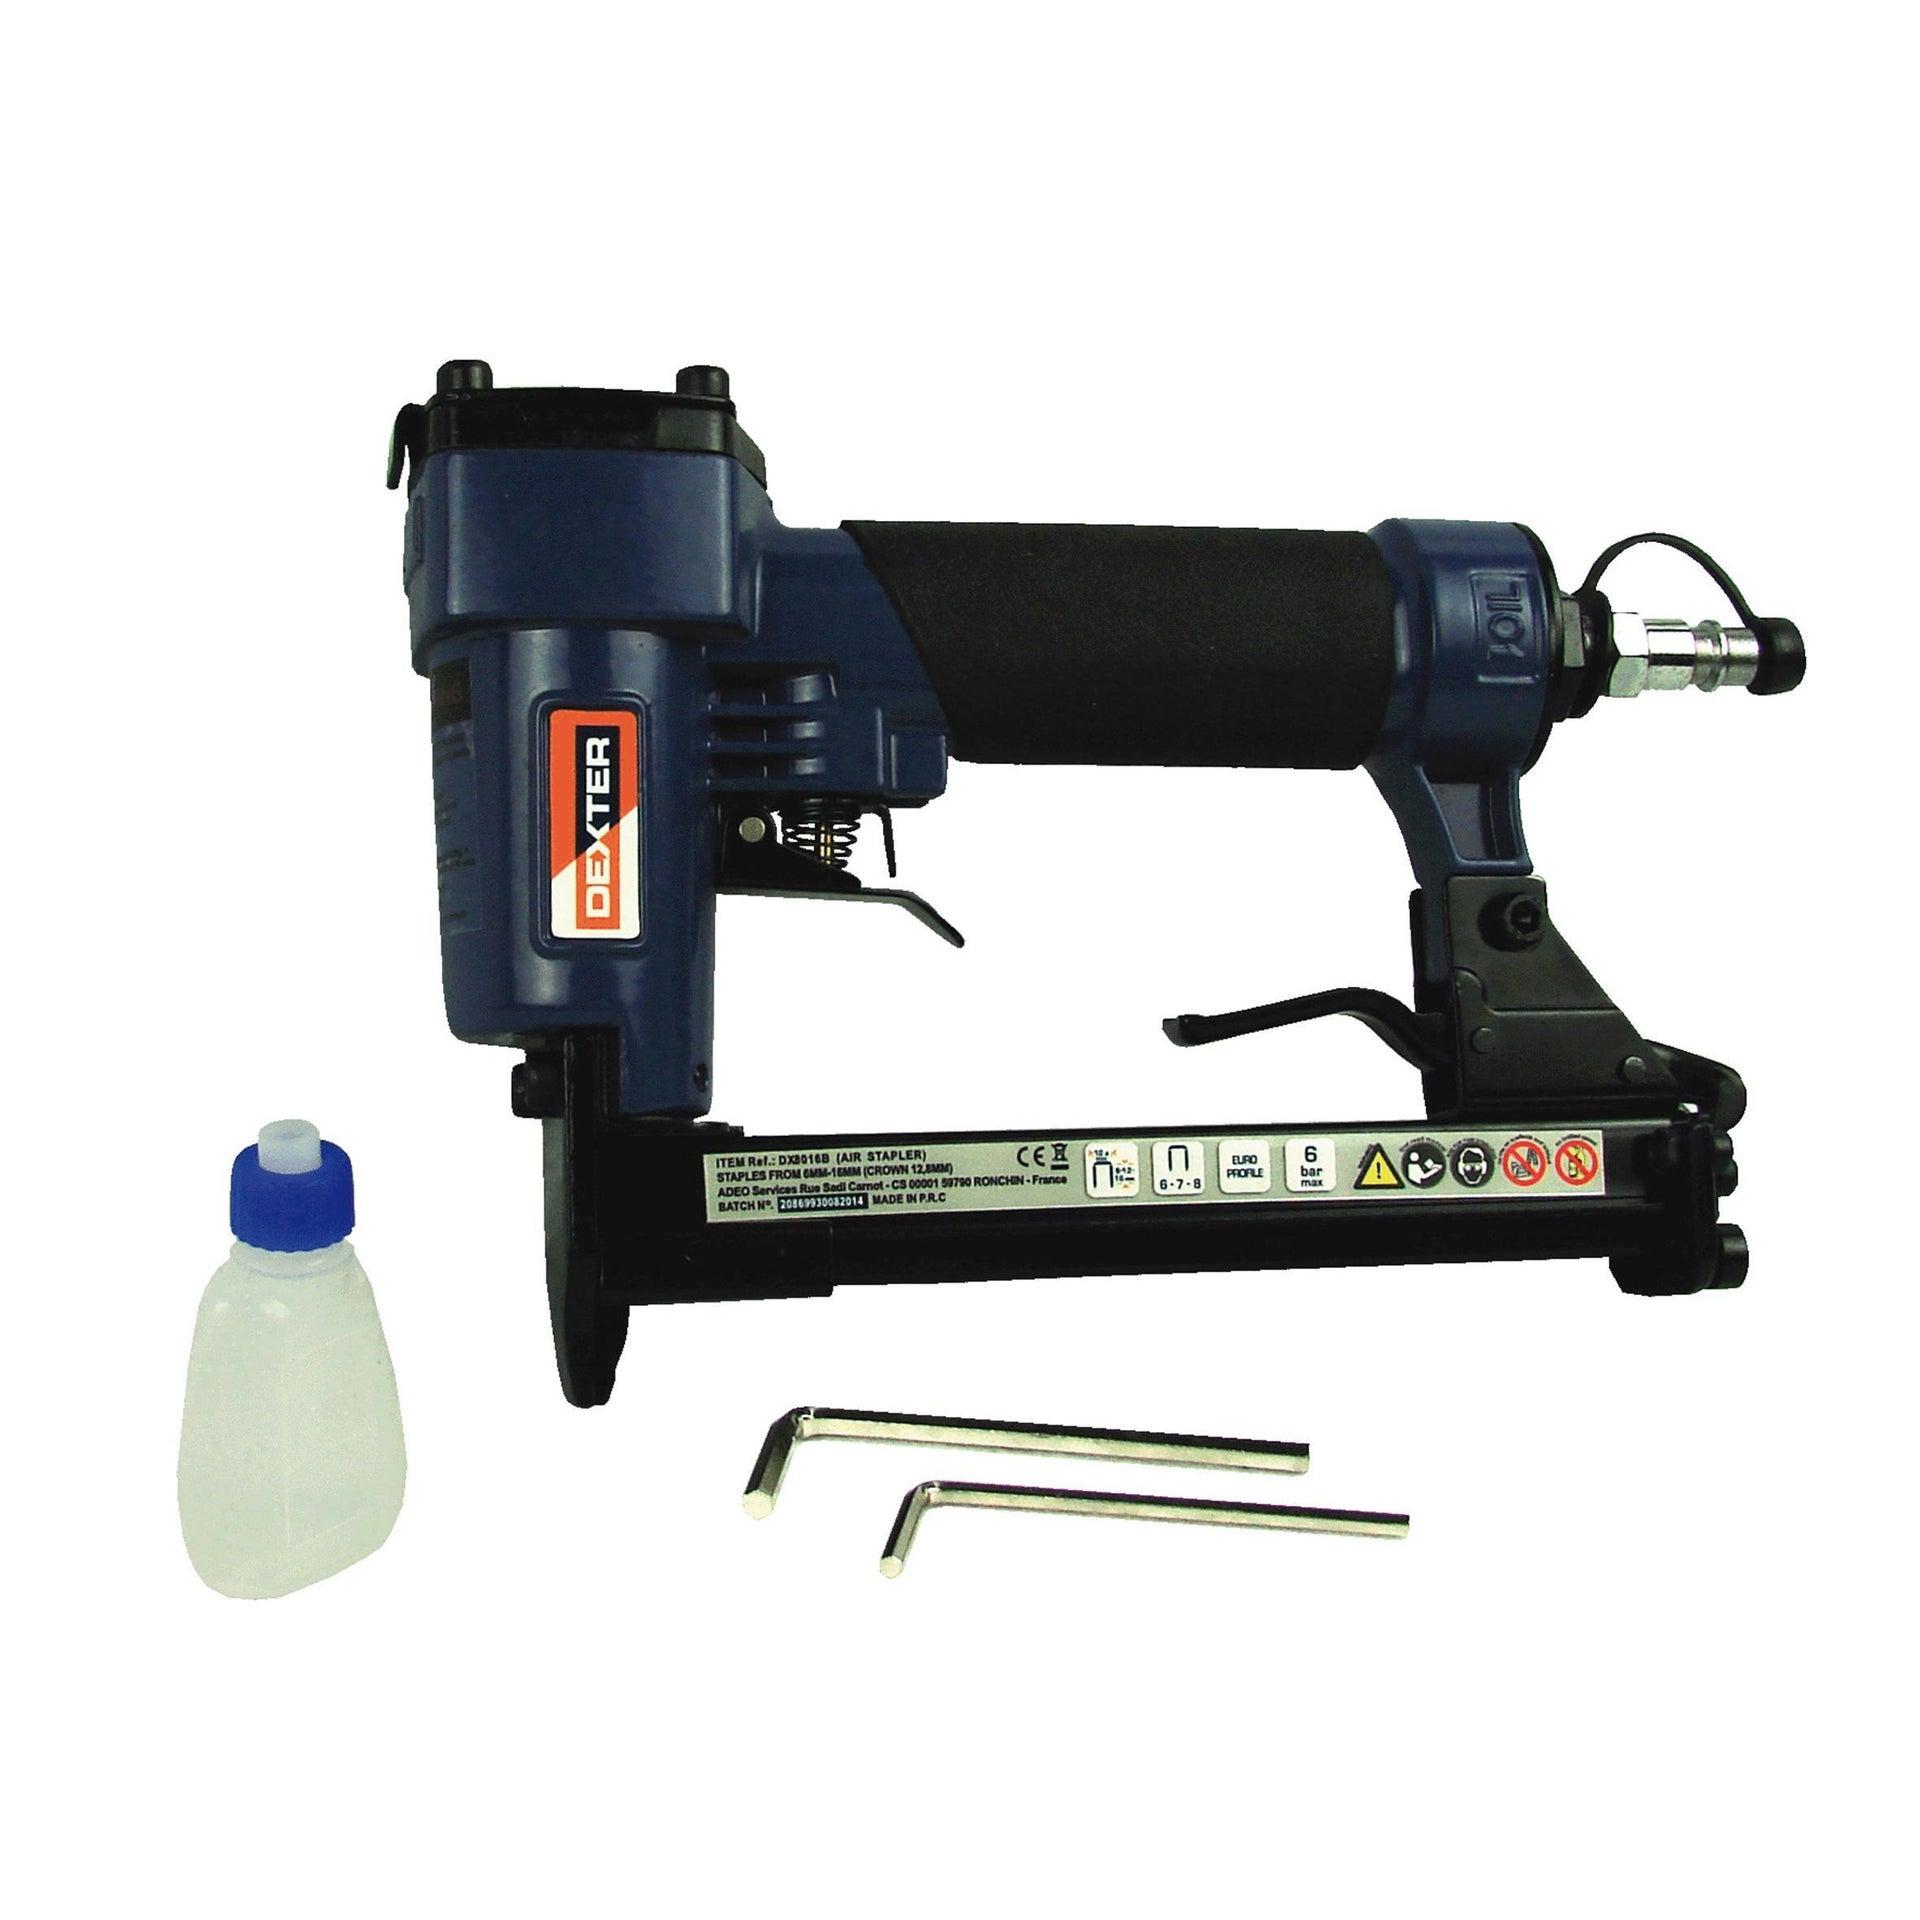 Graffatrice pneumatica DEXTER 6 bar - 7